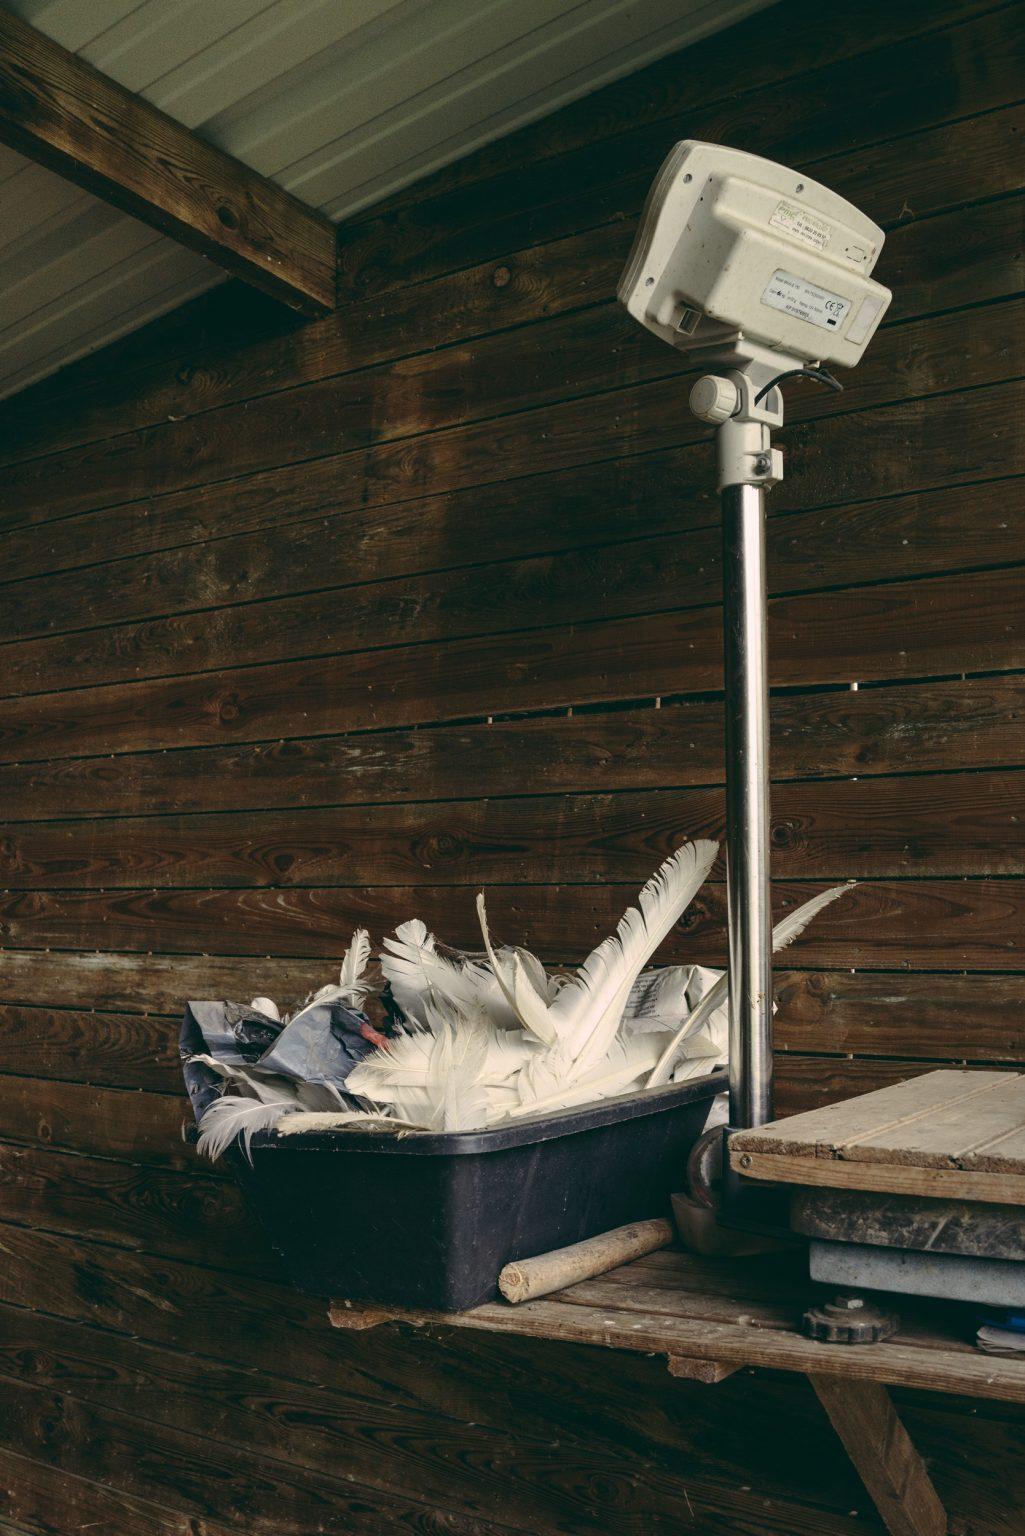 Archigny, France, May 2019 - Collection of swan feathers in the cabin where the birds are weighed and fed. ><  Archigny, , Francia, maggio 2019 - Raccolta di piume di cigno nella cabina dove gli uccelli vengono pesati e nutriti.*** SPECIAL   FEE   APPLIES *** *** Local Caption *** 01489354